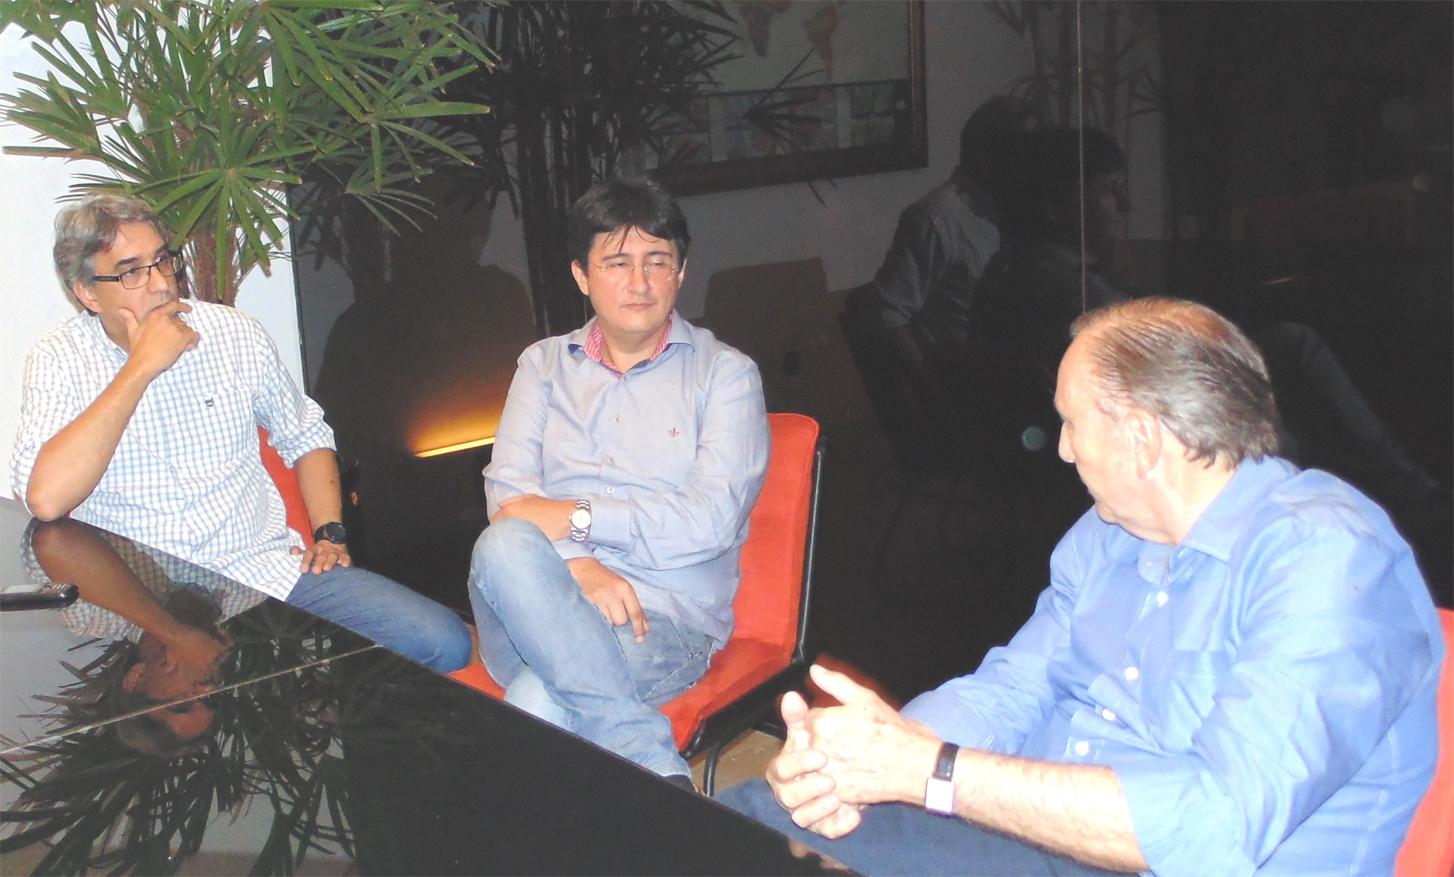 Concedeu uma entrevista ao editor Élcio Costa, primeiro da esquerda para direita, do Jornal Vale, acompanhado pelo Democrata Cristão joseense Fabrício.